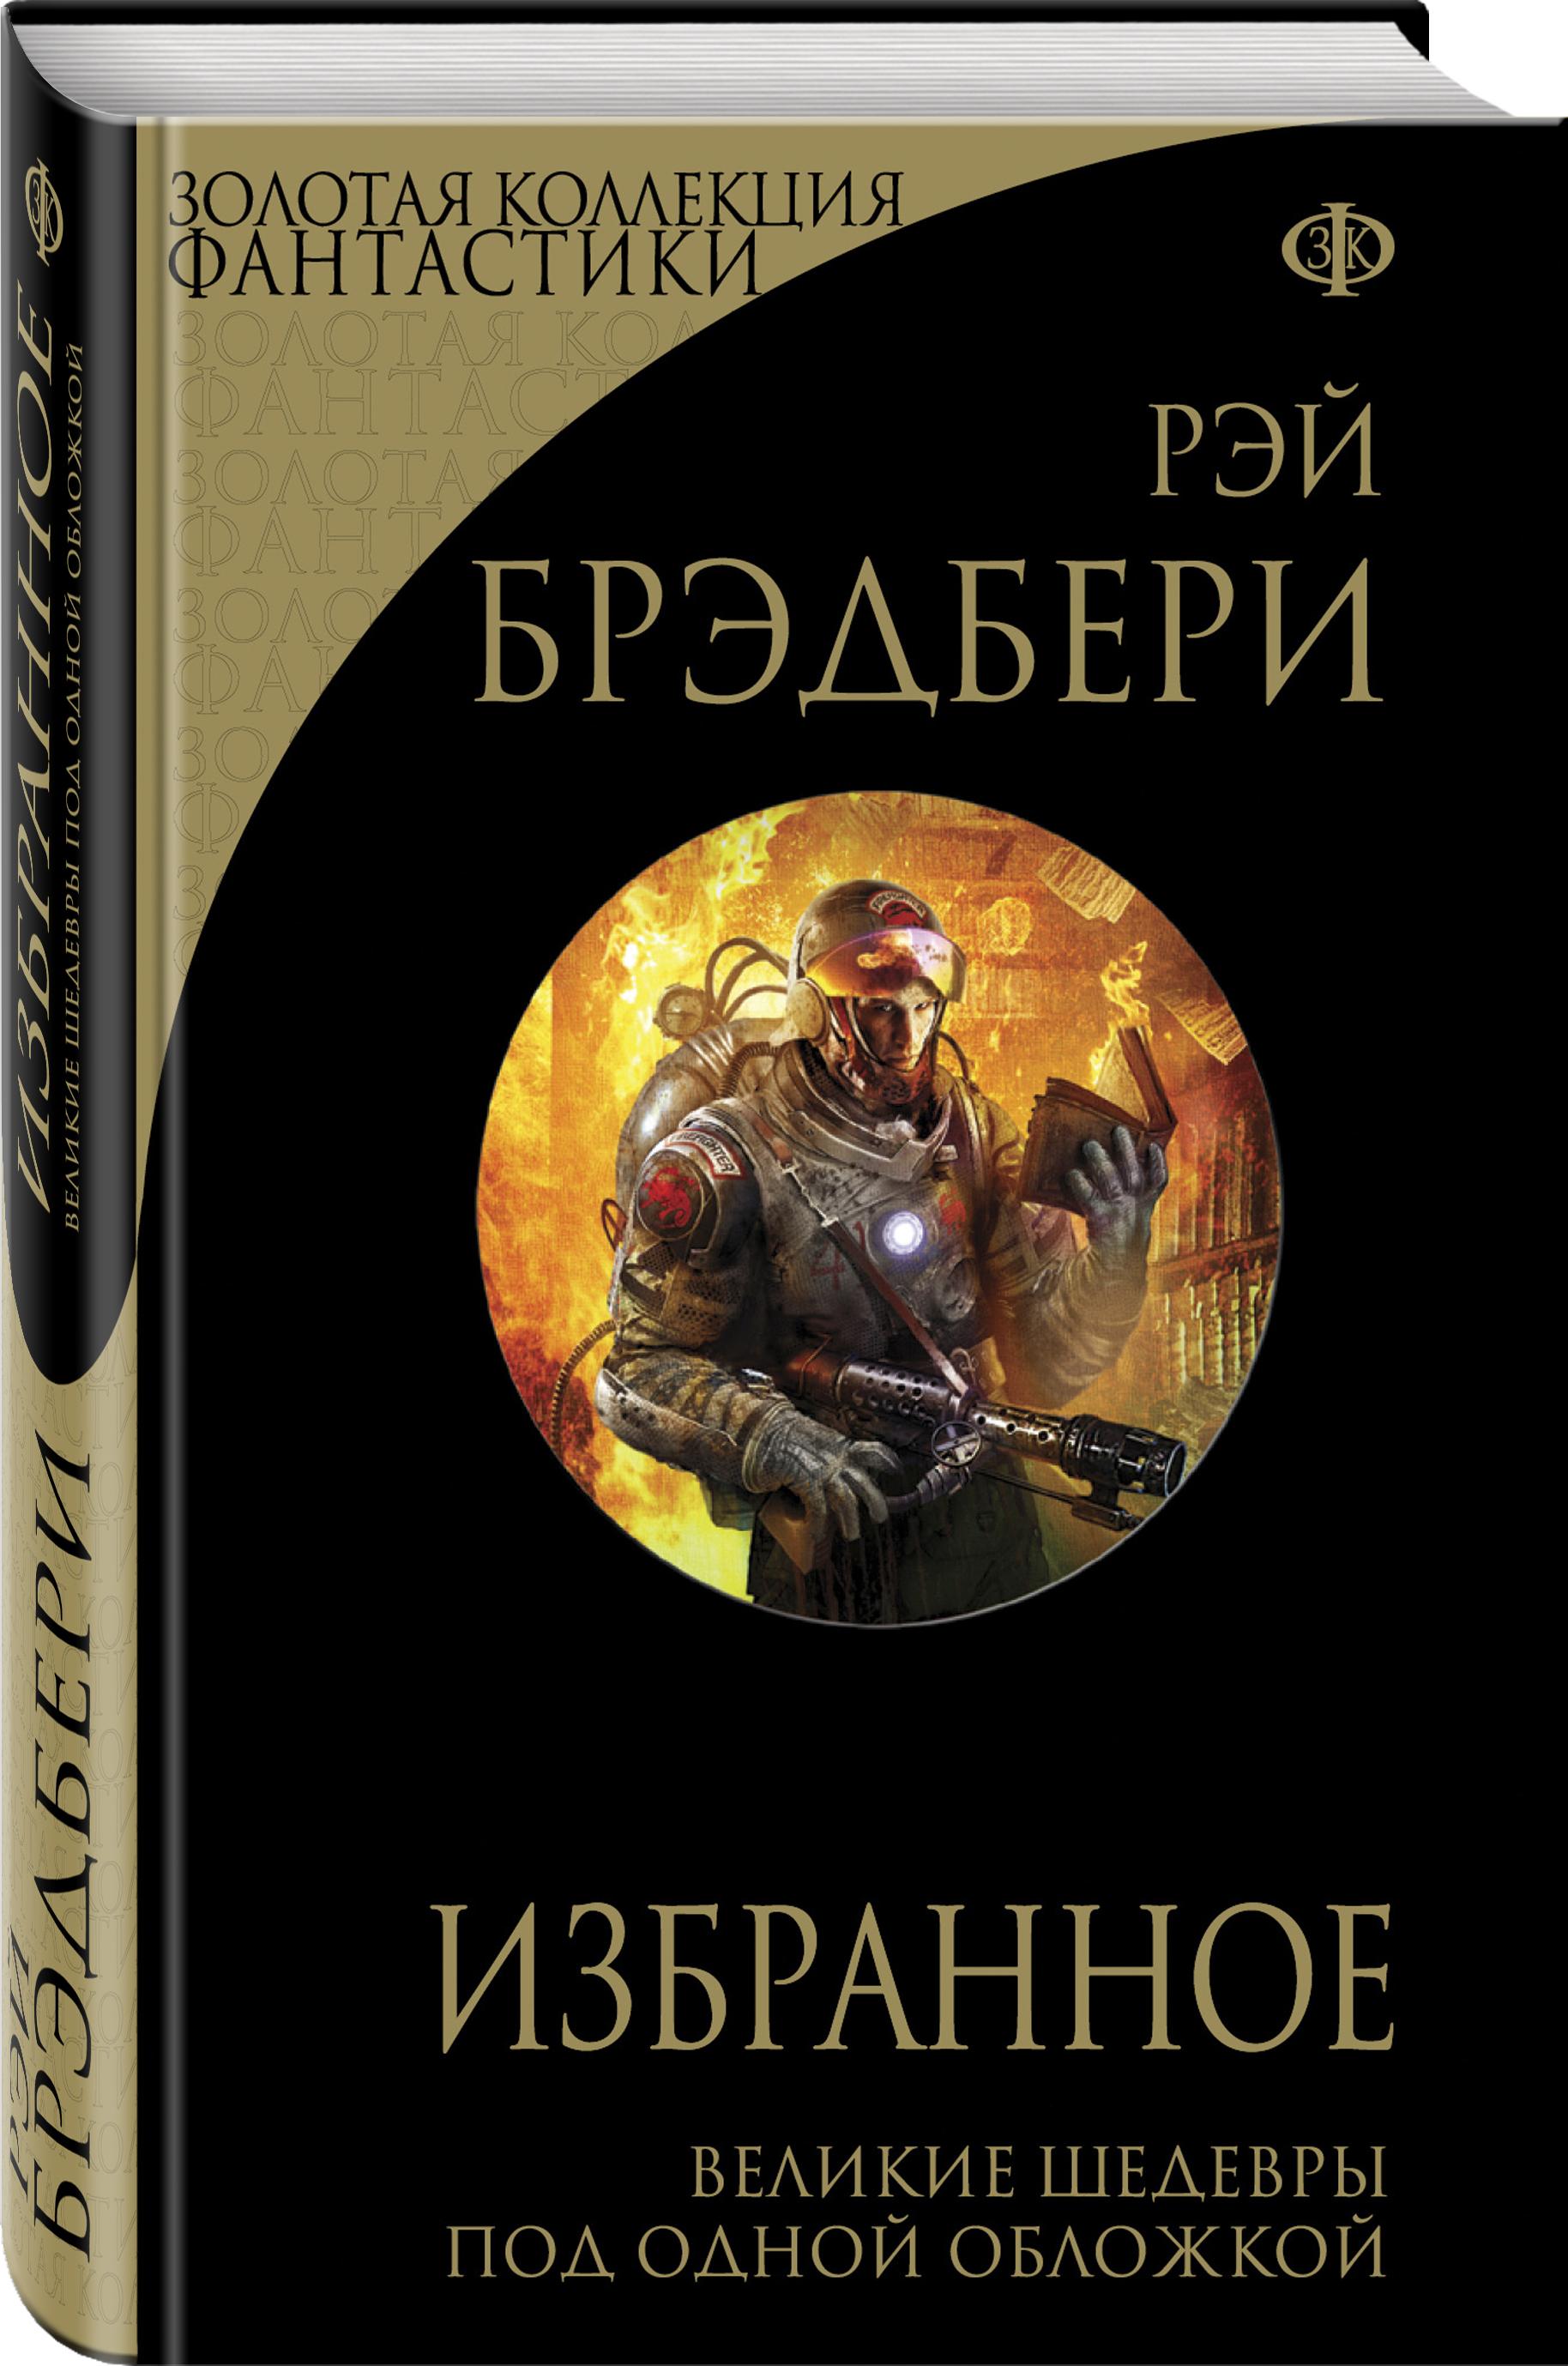 Брэдбери Р. Избранное брэдбери р избранное 451 градус по фаренгейту и другие романы